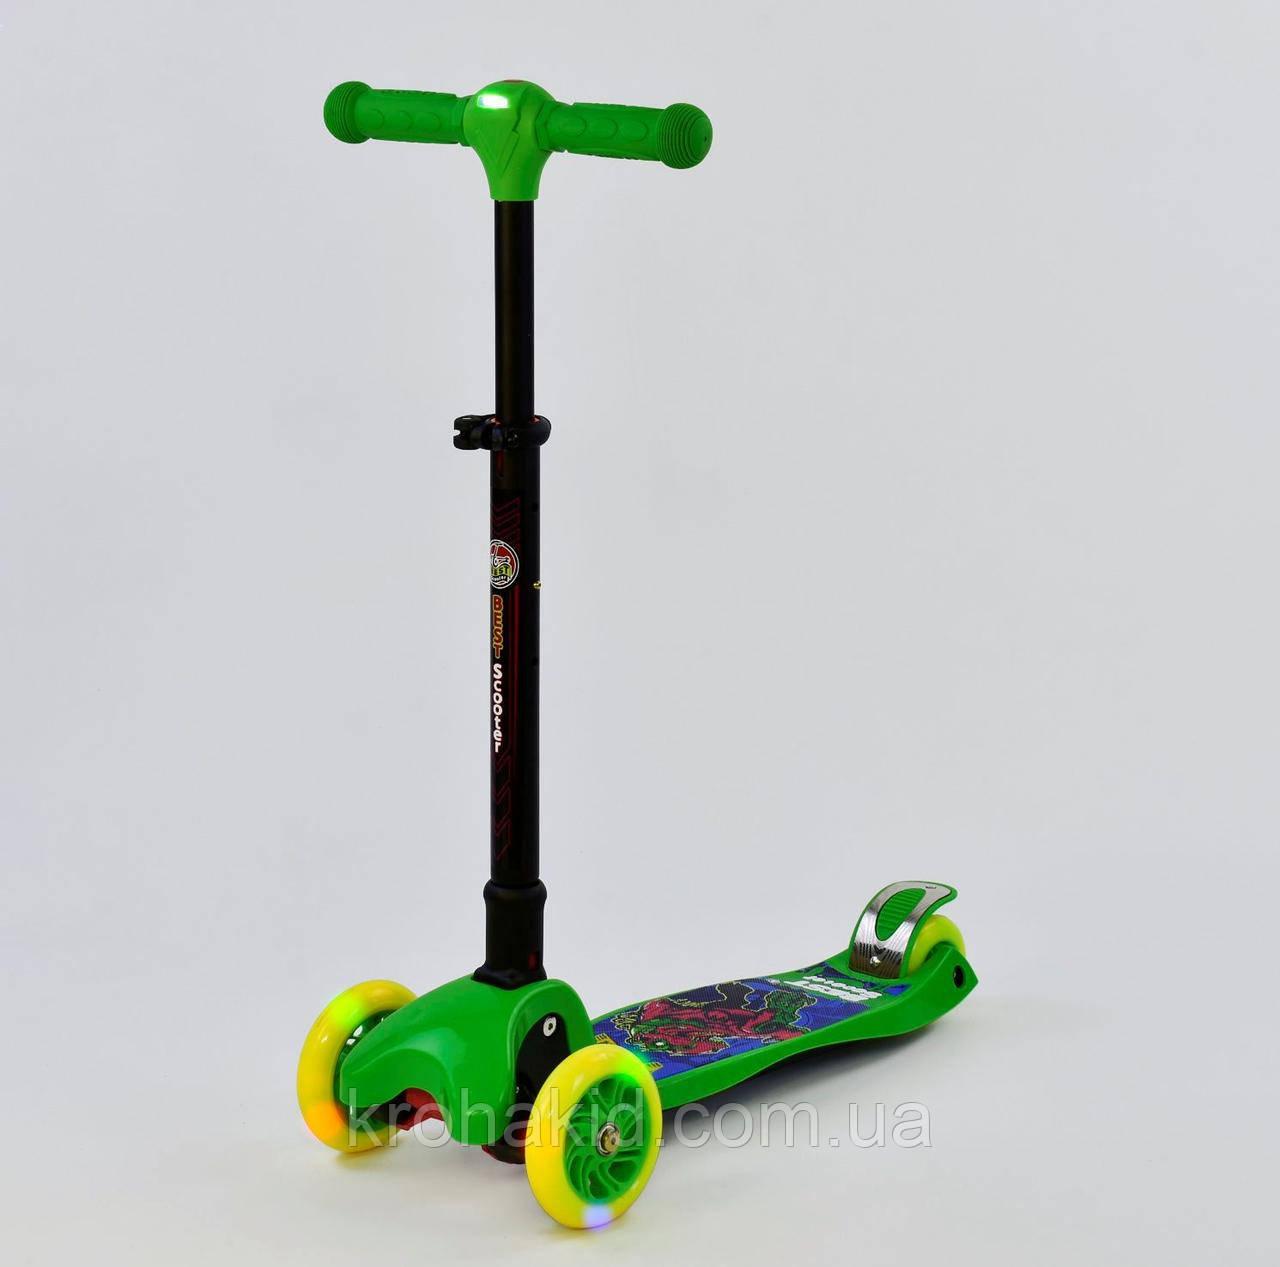 Самокат С 37200 Best Scooter СКЛАДНОЙ С ФАРОЙ, 4 колеса PU со светом, d=12 см